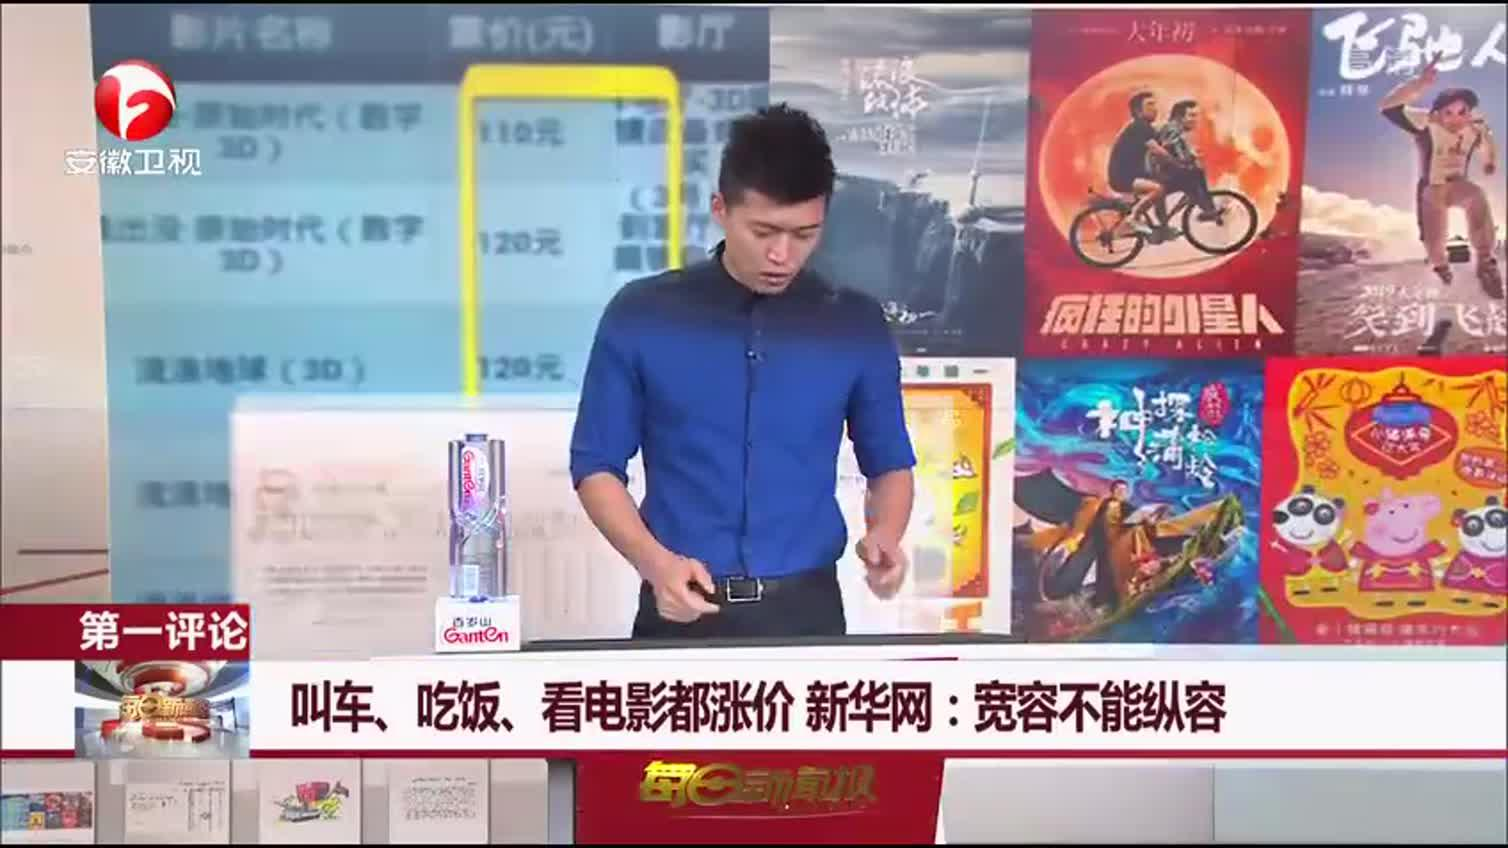 叫车、吃饭、看电影都涨价 新华网:宽容不能纵容